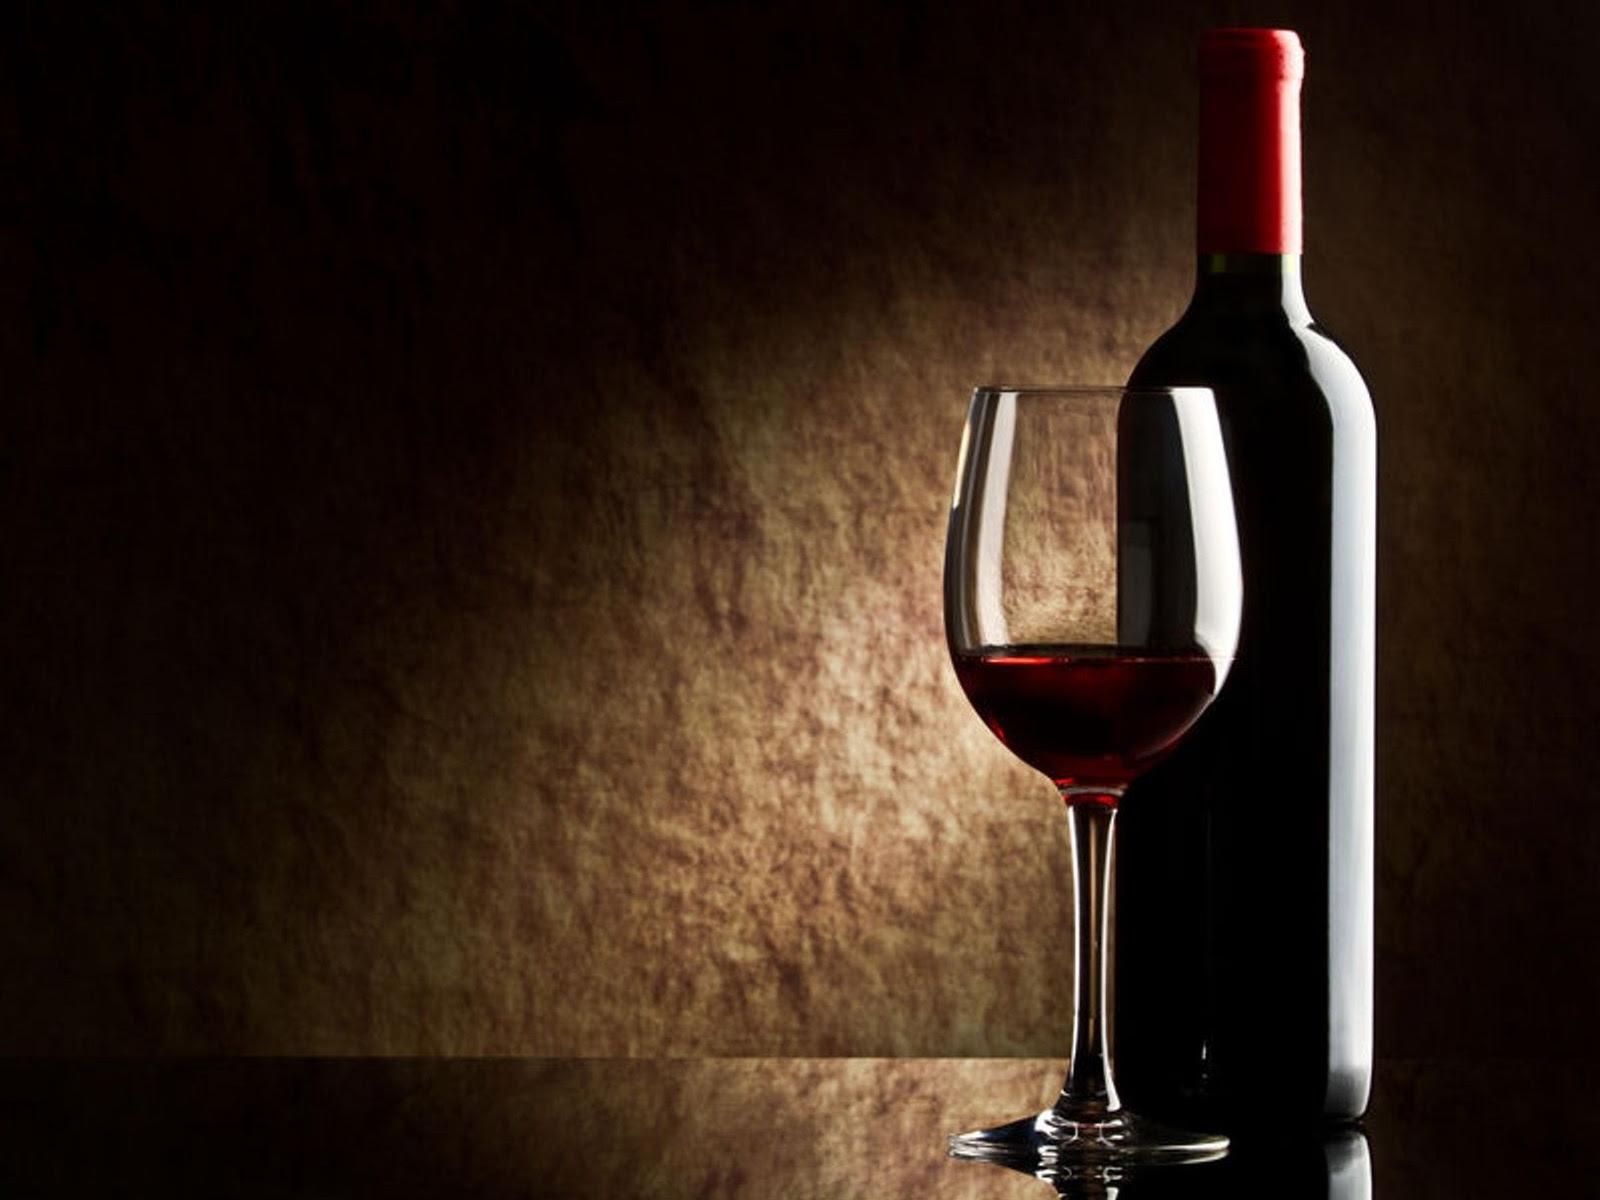 Wallpaper Wine Red Bottle Glass Hd Desktop Wallpapers